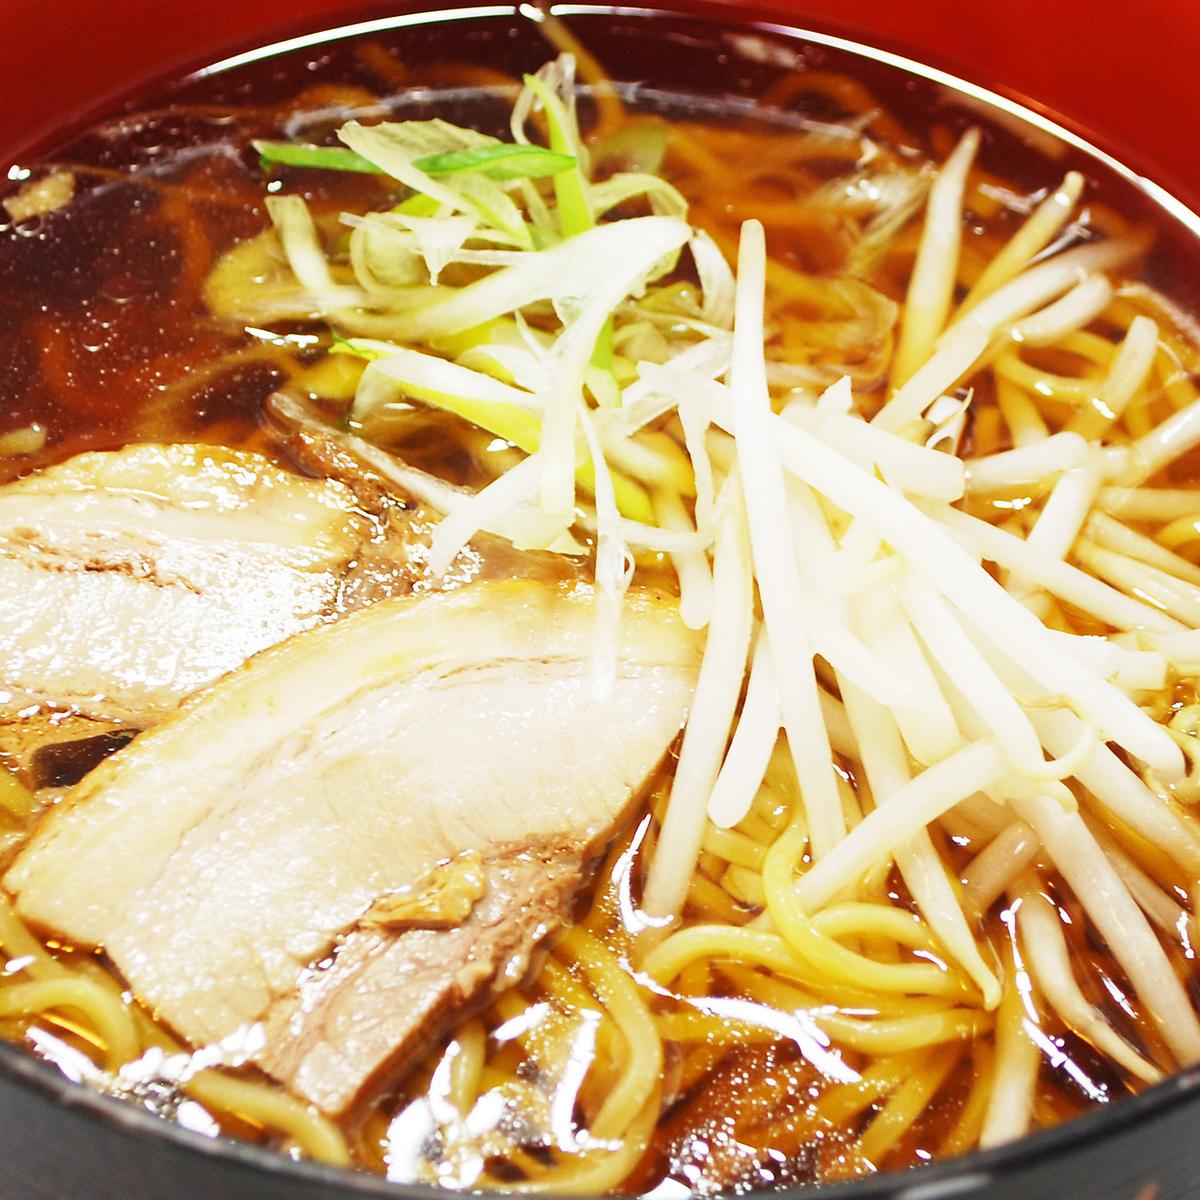 Soak soy sauce ramen